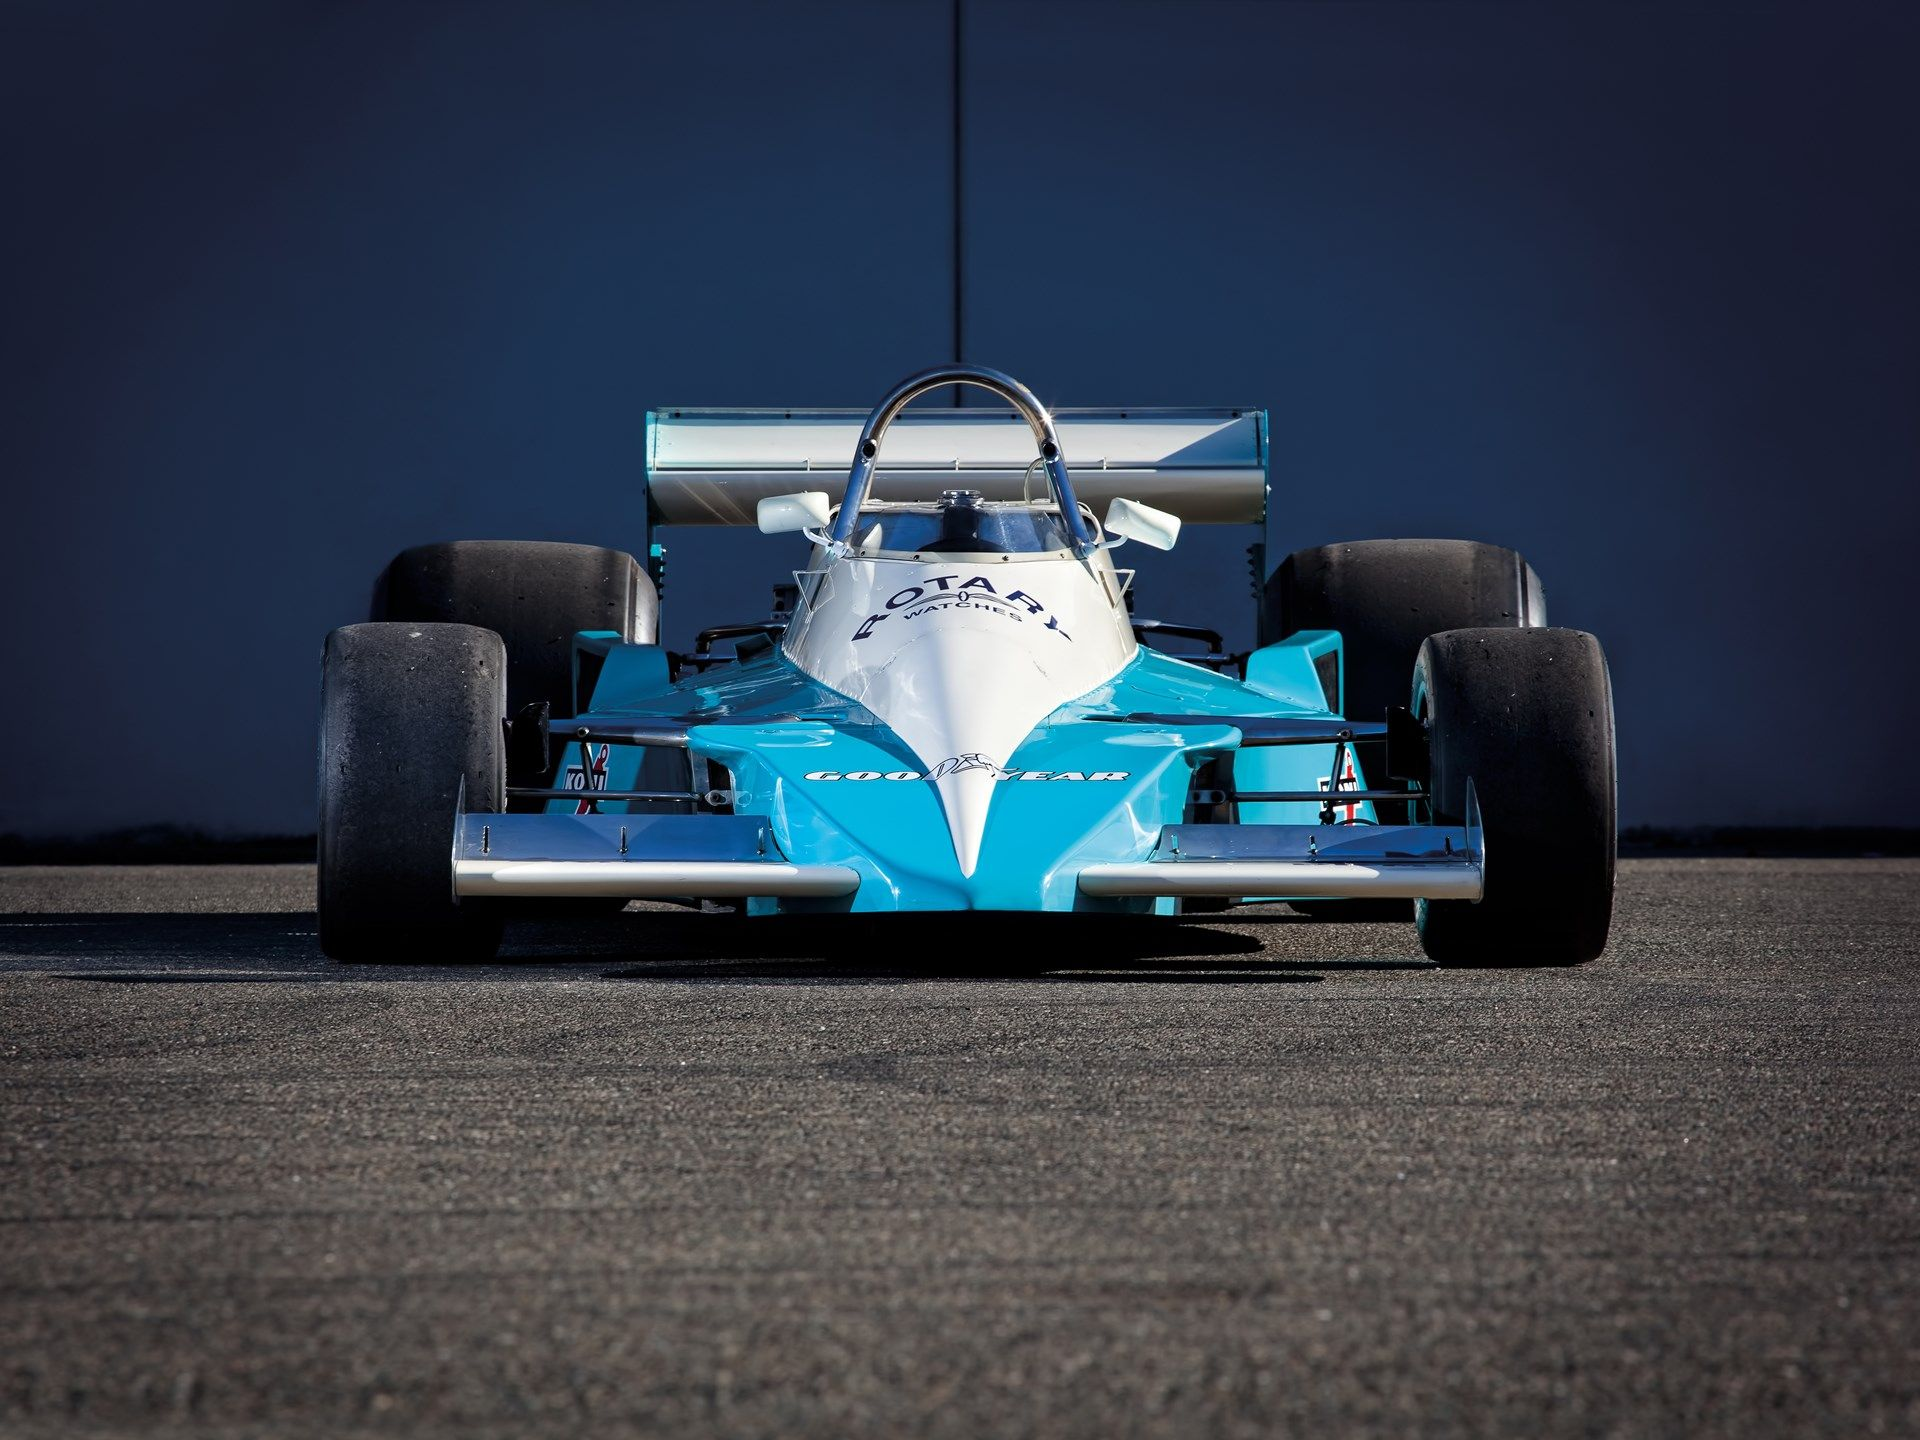 Brm P207 1975 Racing Formula One Sports Car Racing